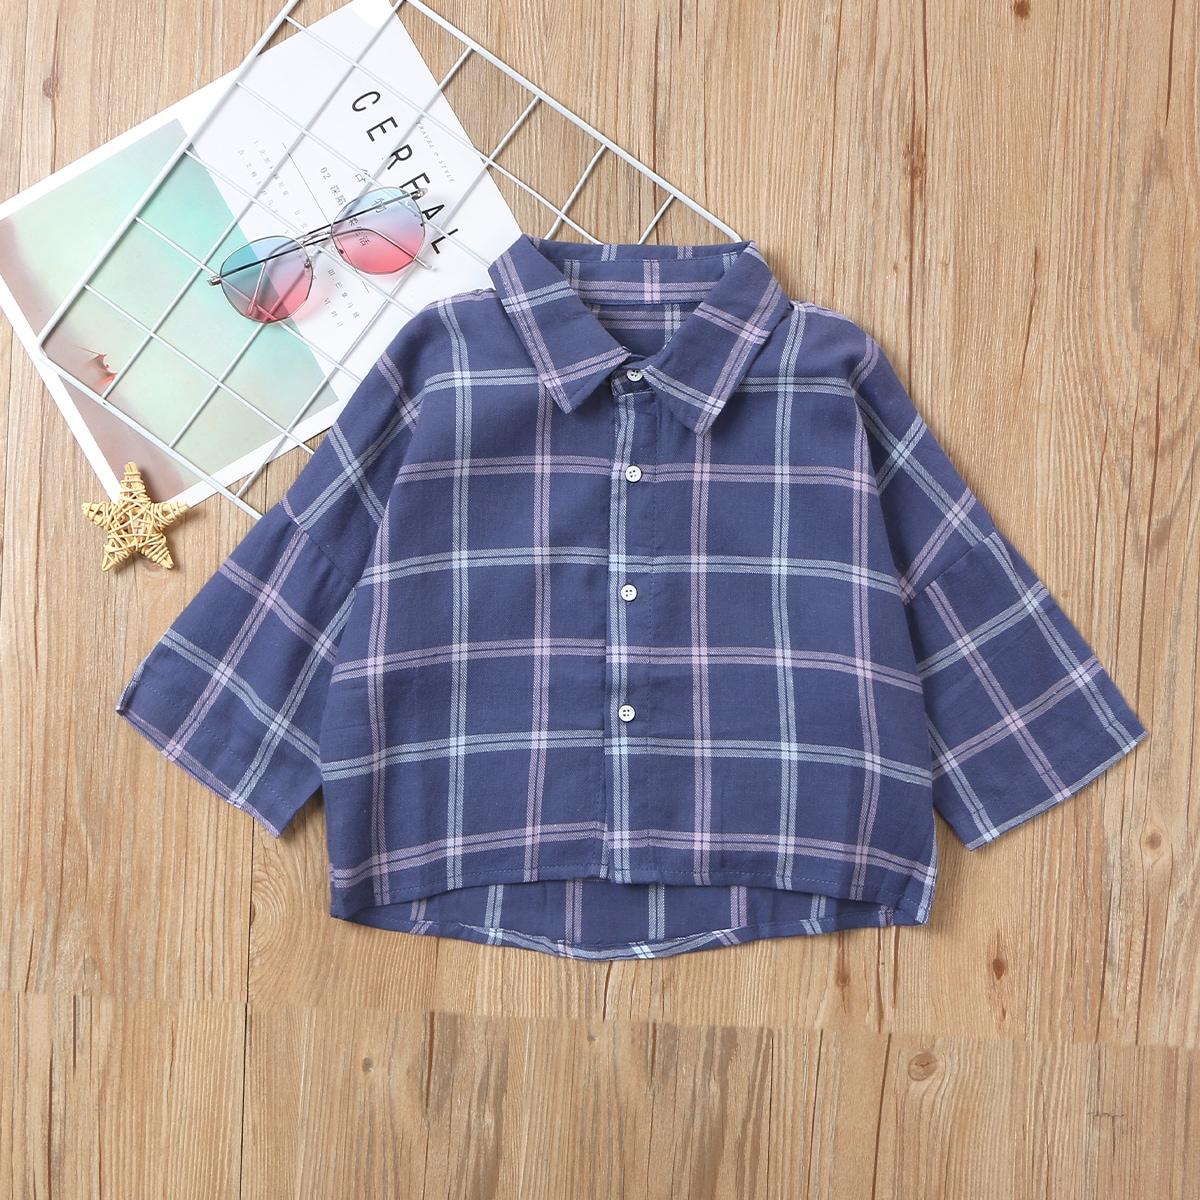 Пуговица клетчатый институтский блузы для девочек